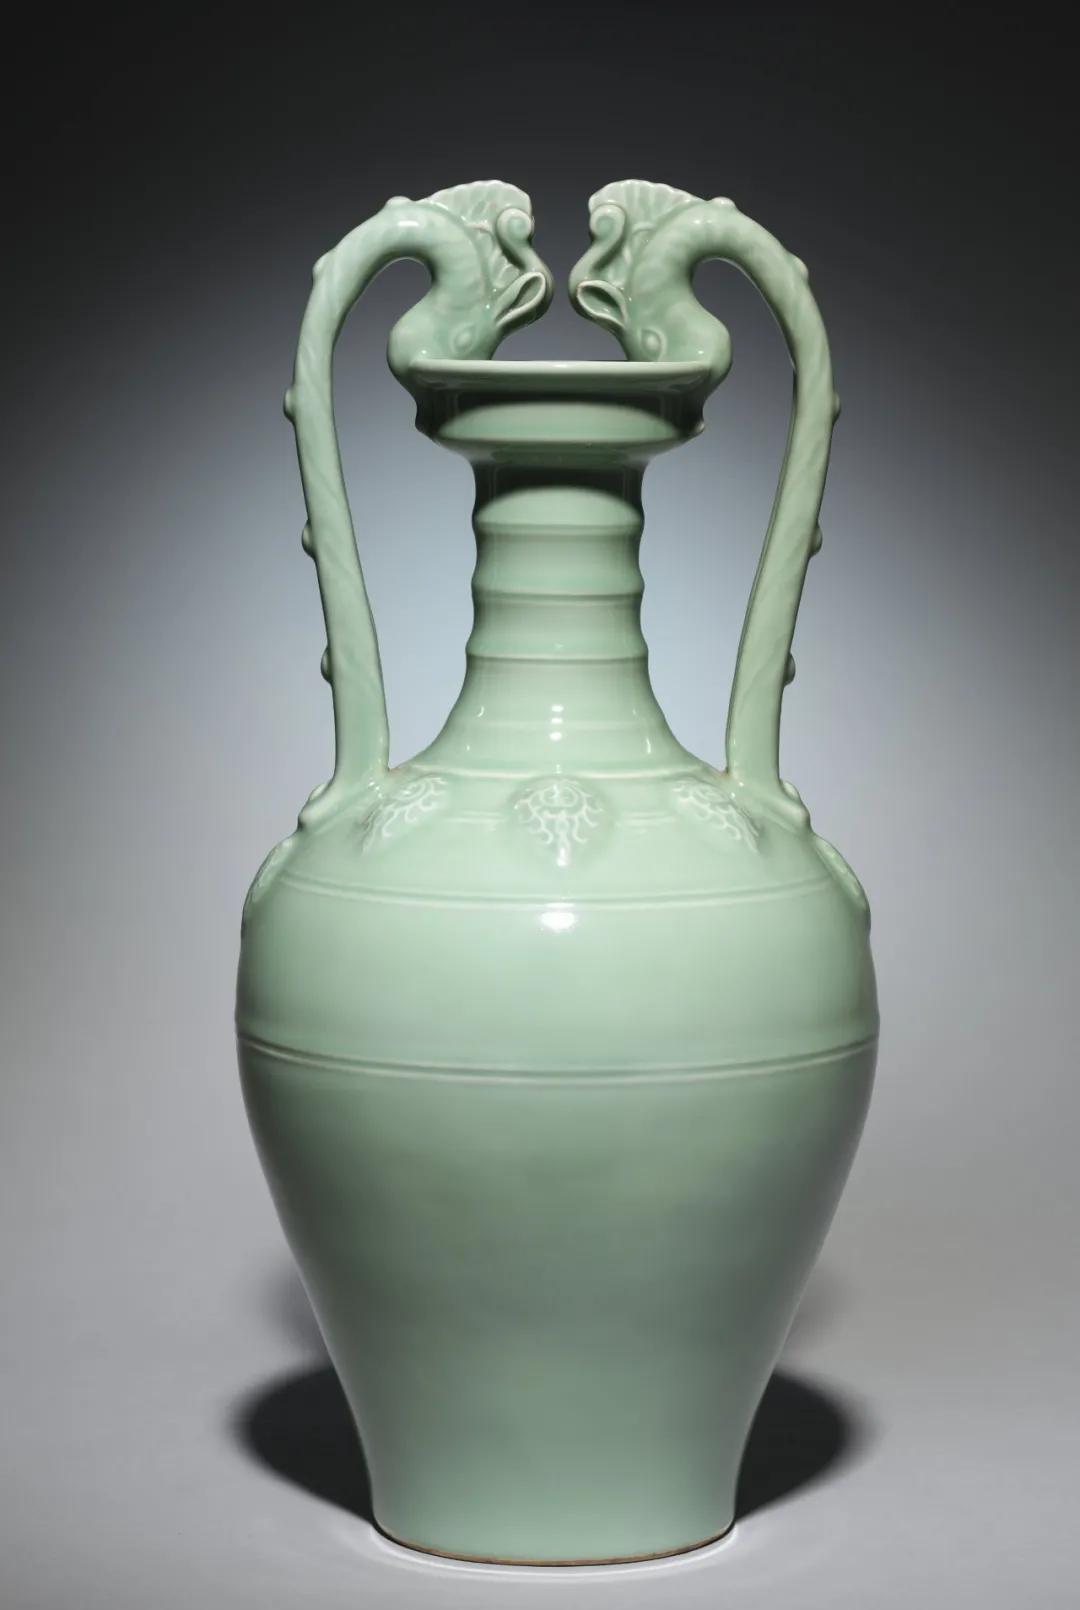 一个有趣的问题:雍正时期如何认识唐双龙柄壶